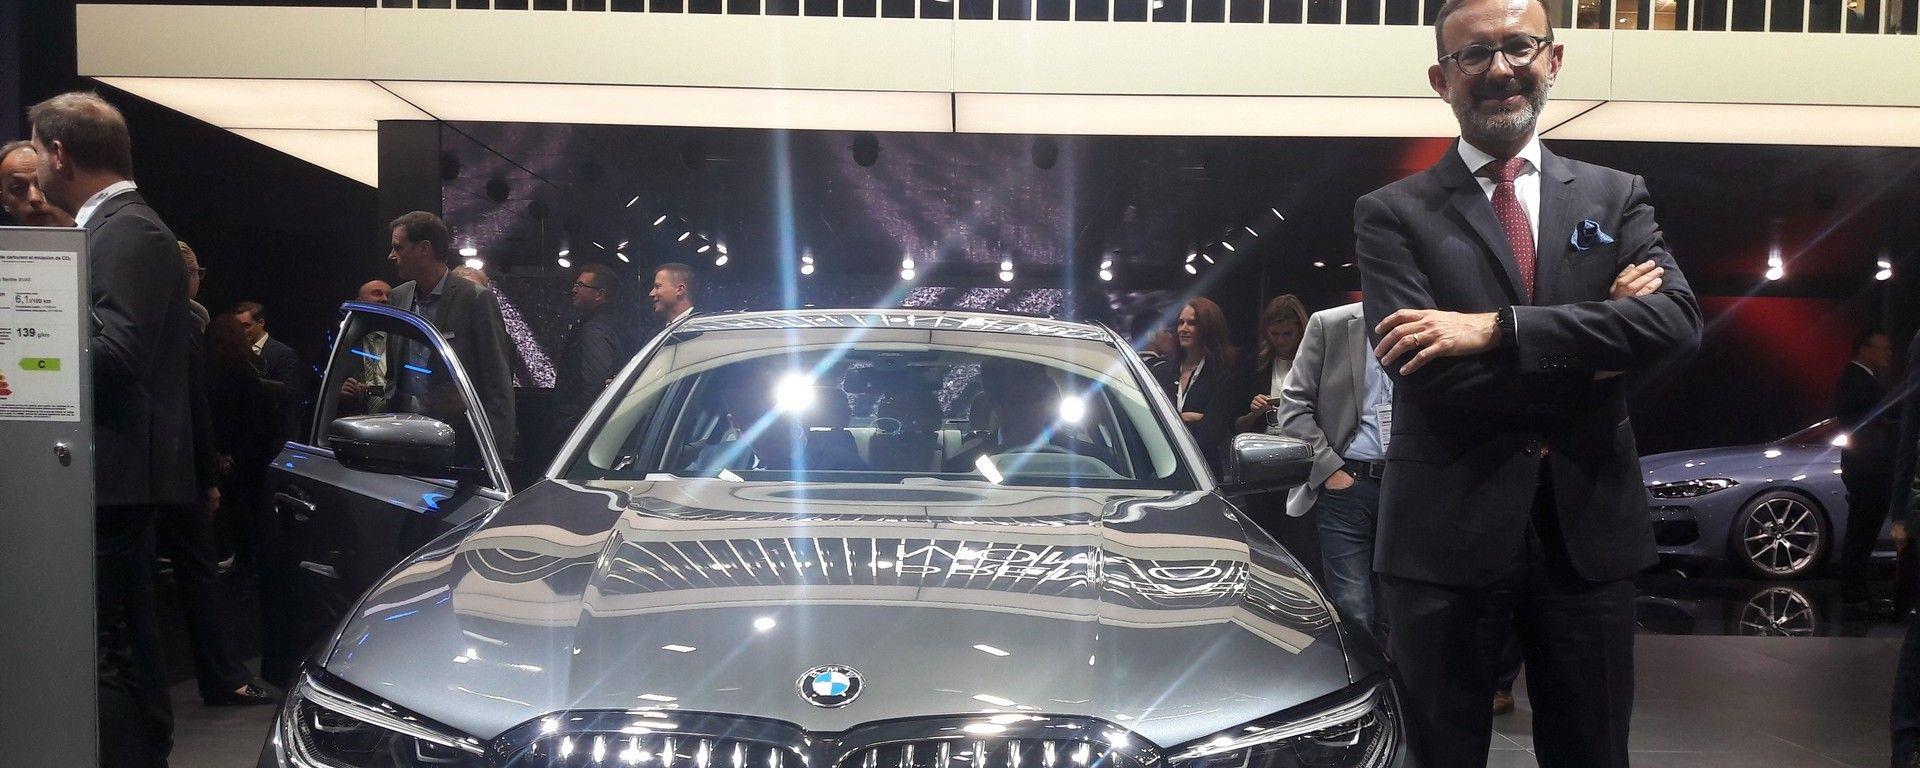 Novità BMW a Parigi 2018: intervista a Sergio Solero